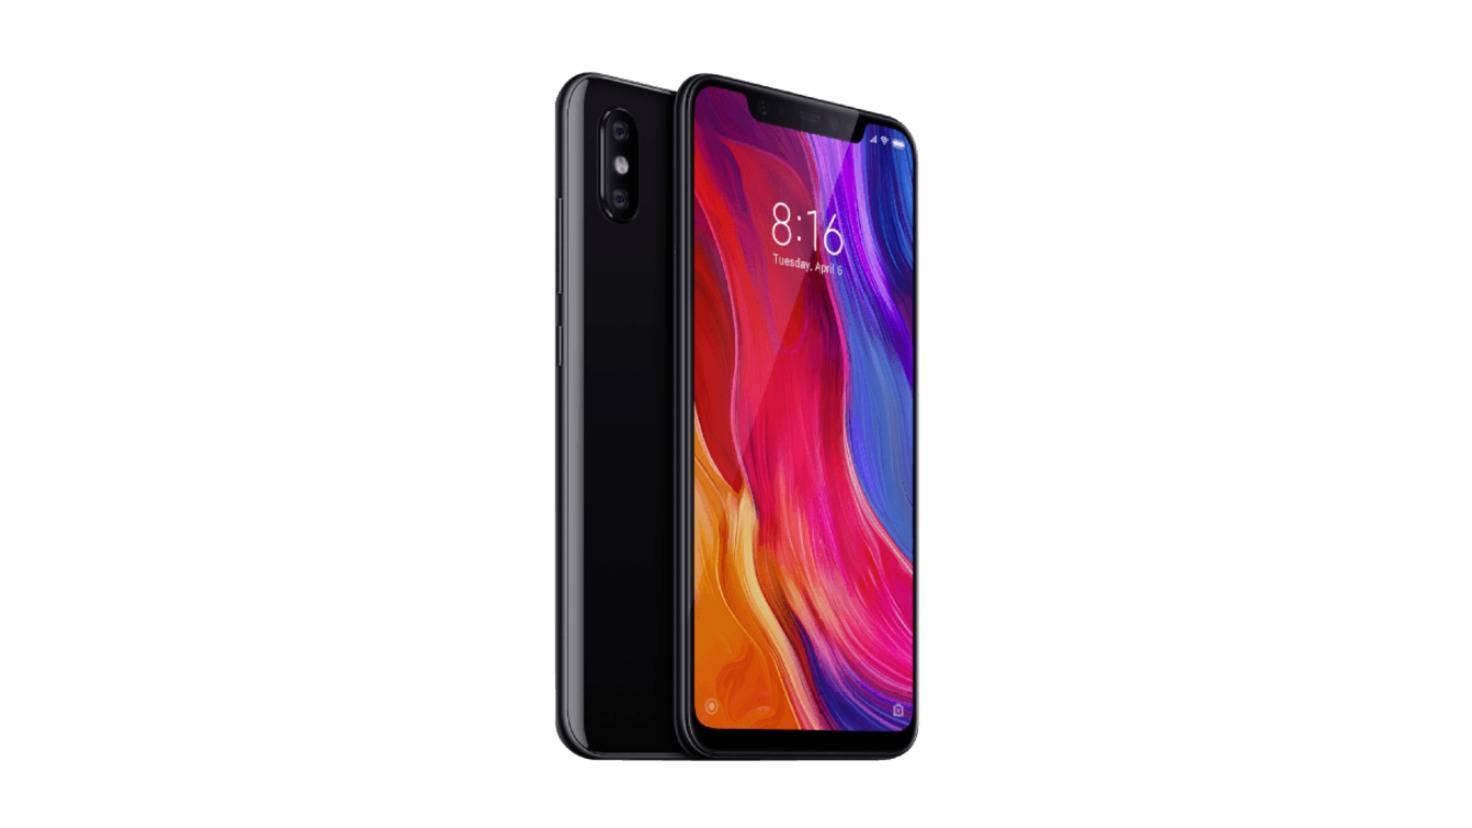 Xiaomi-Mi-8-Smartphone